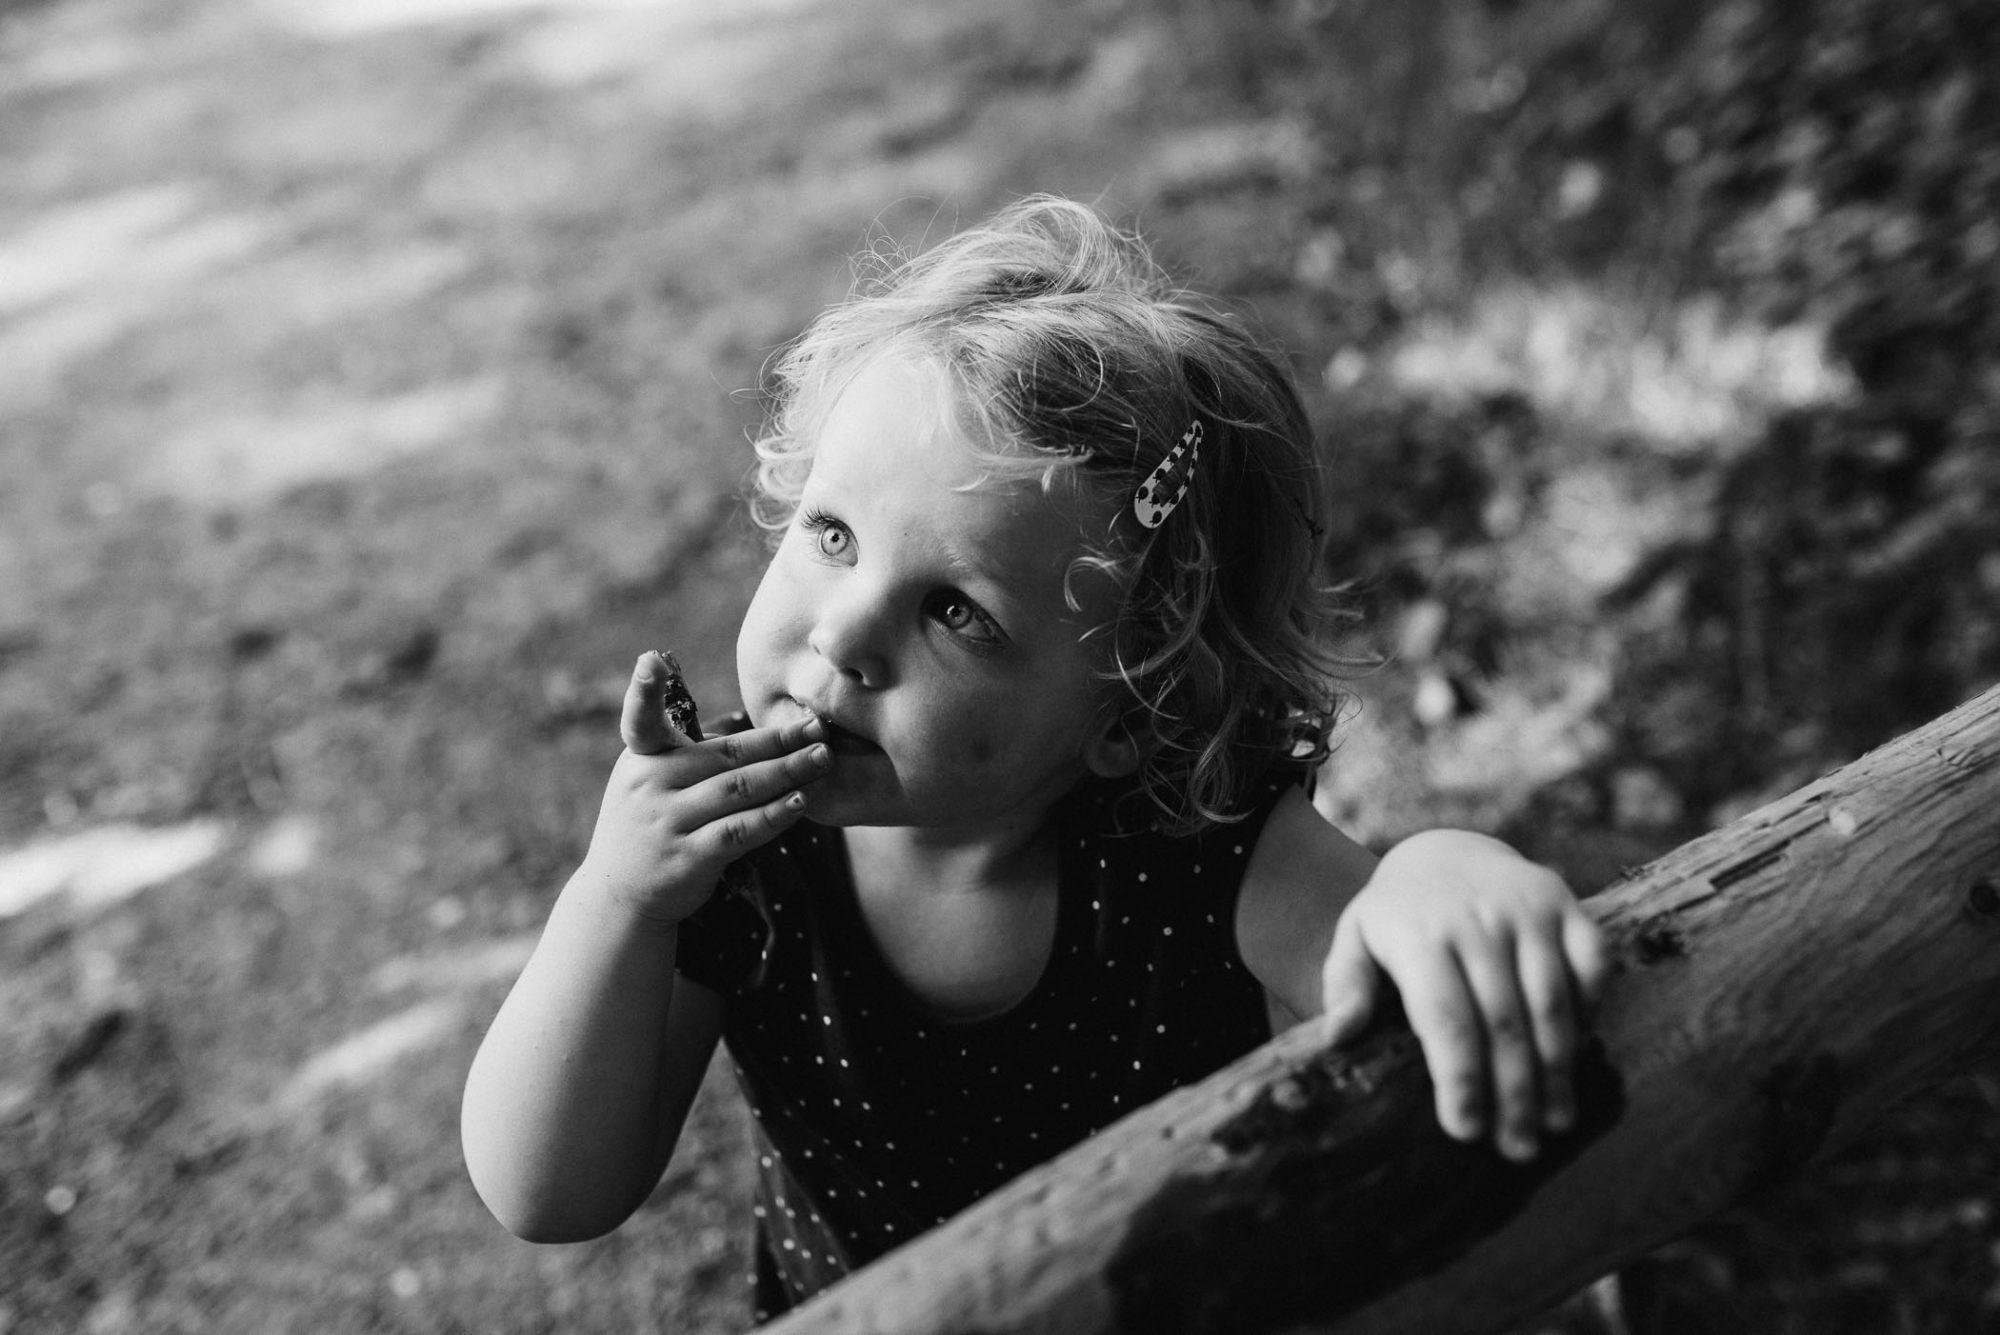 gezinsfotograaf noord-brabant